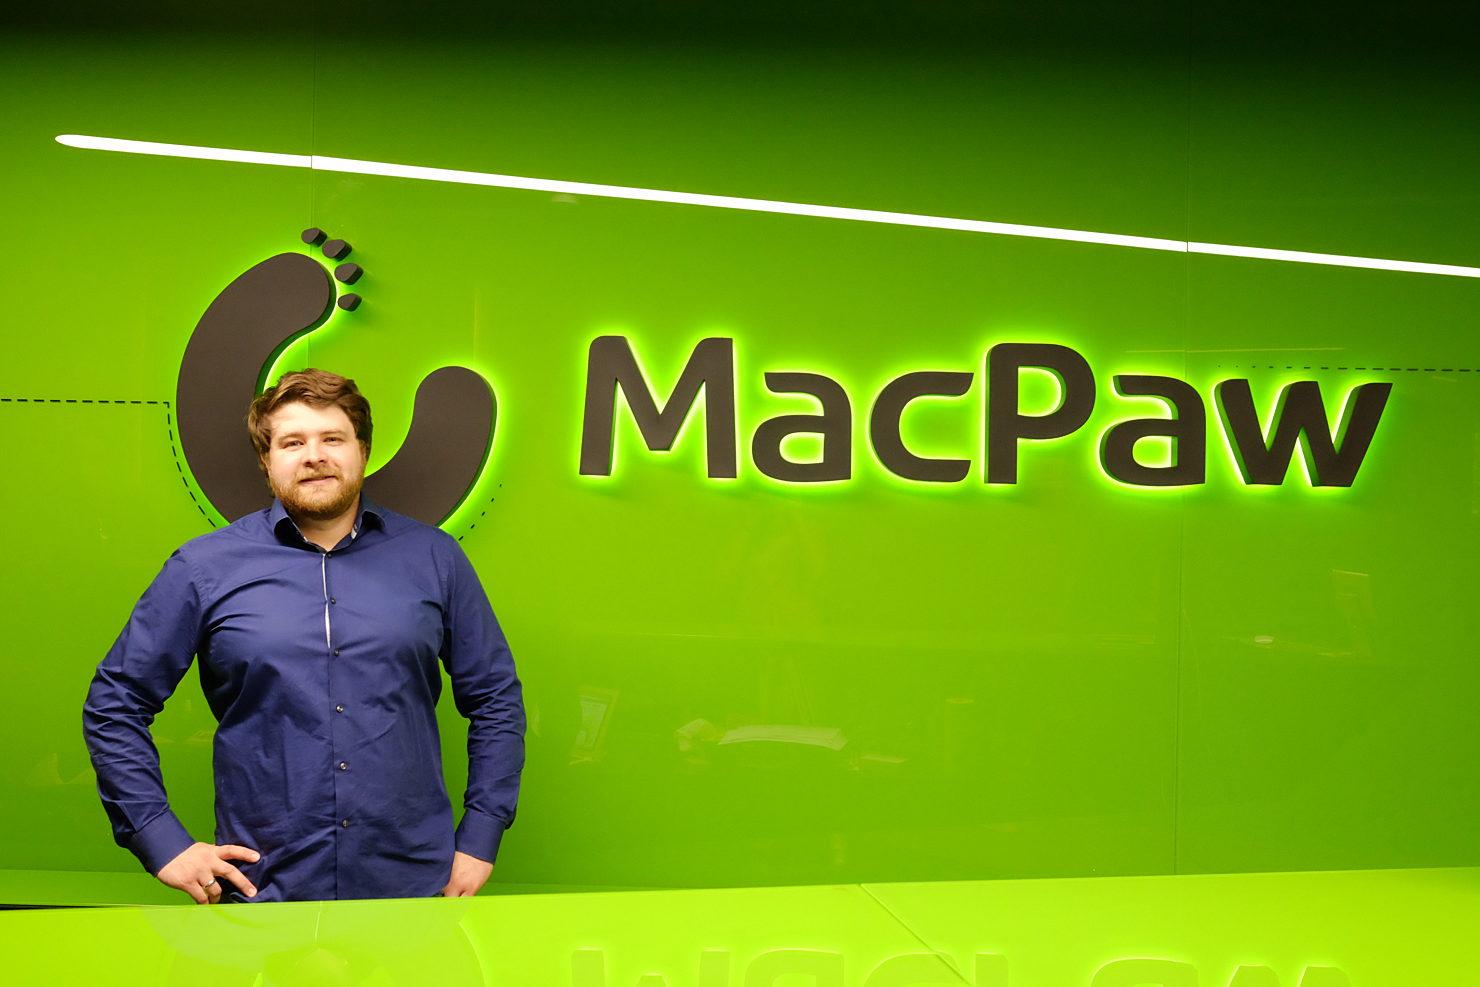 інтерв'ю:Олександр Косован: «Ми у MacPaw вкладаємо багато уваги і любові в те, що робимо». Олександр Косован - засновник і керівник компанії MacPaw